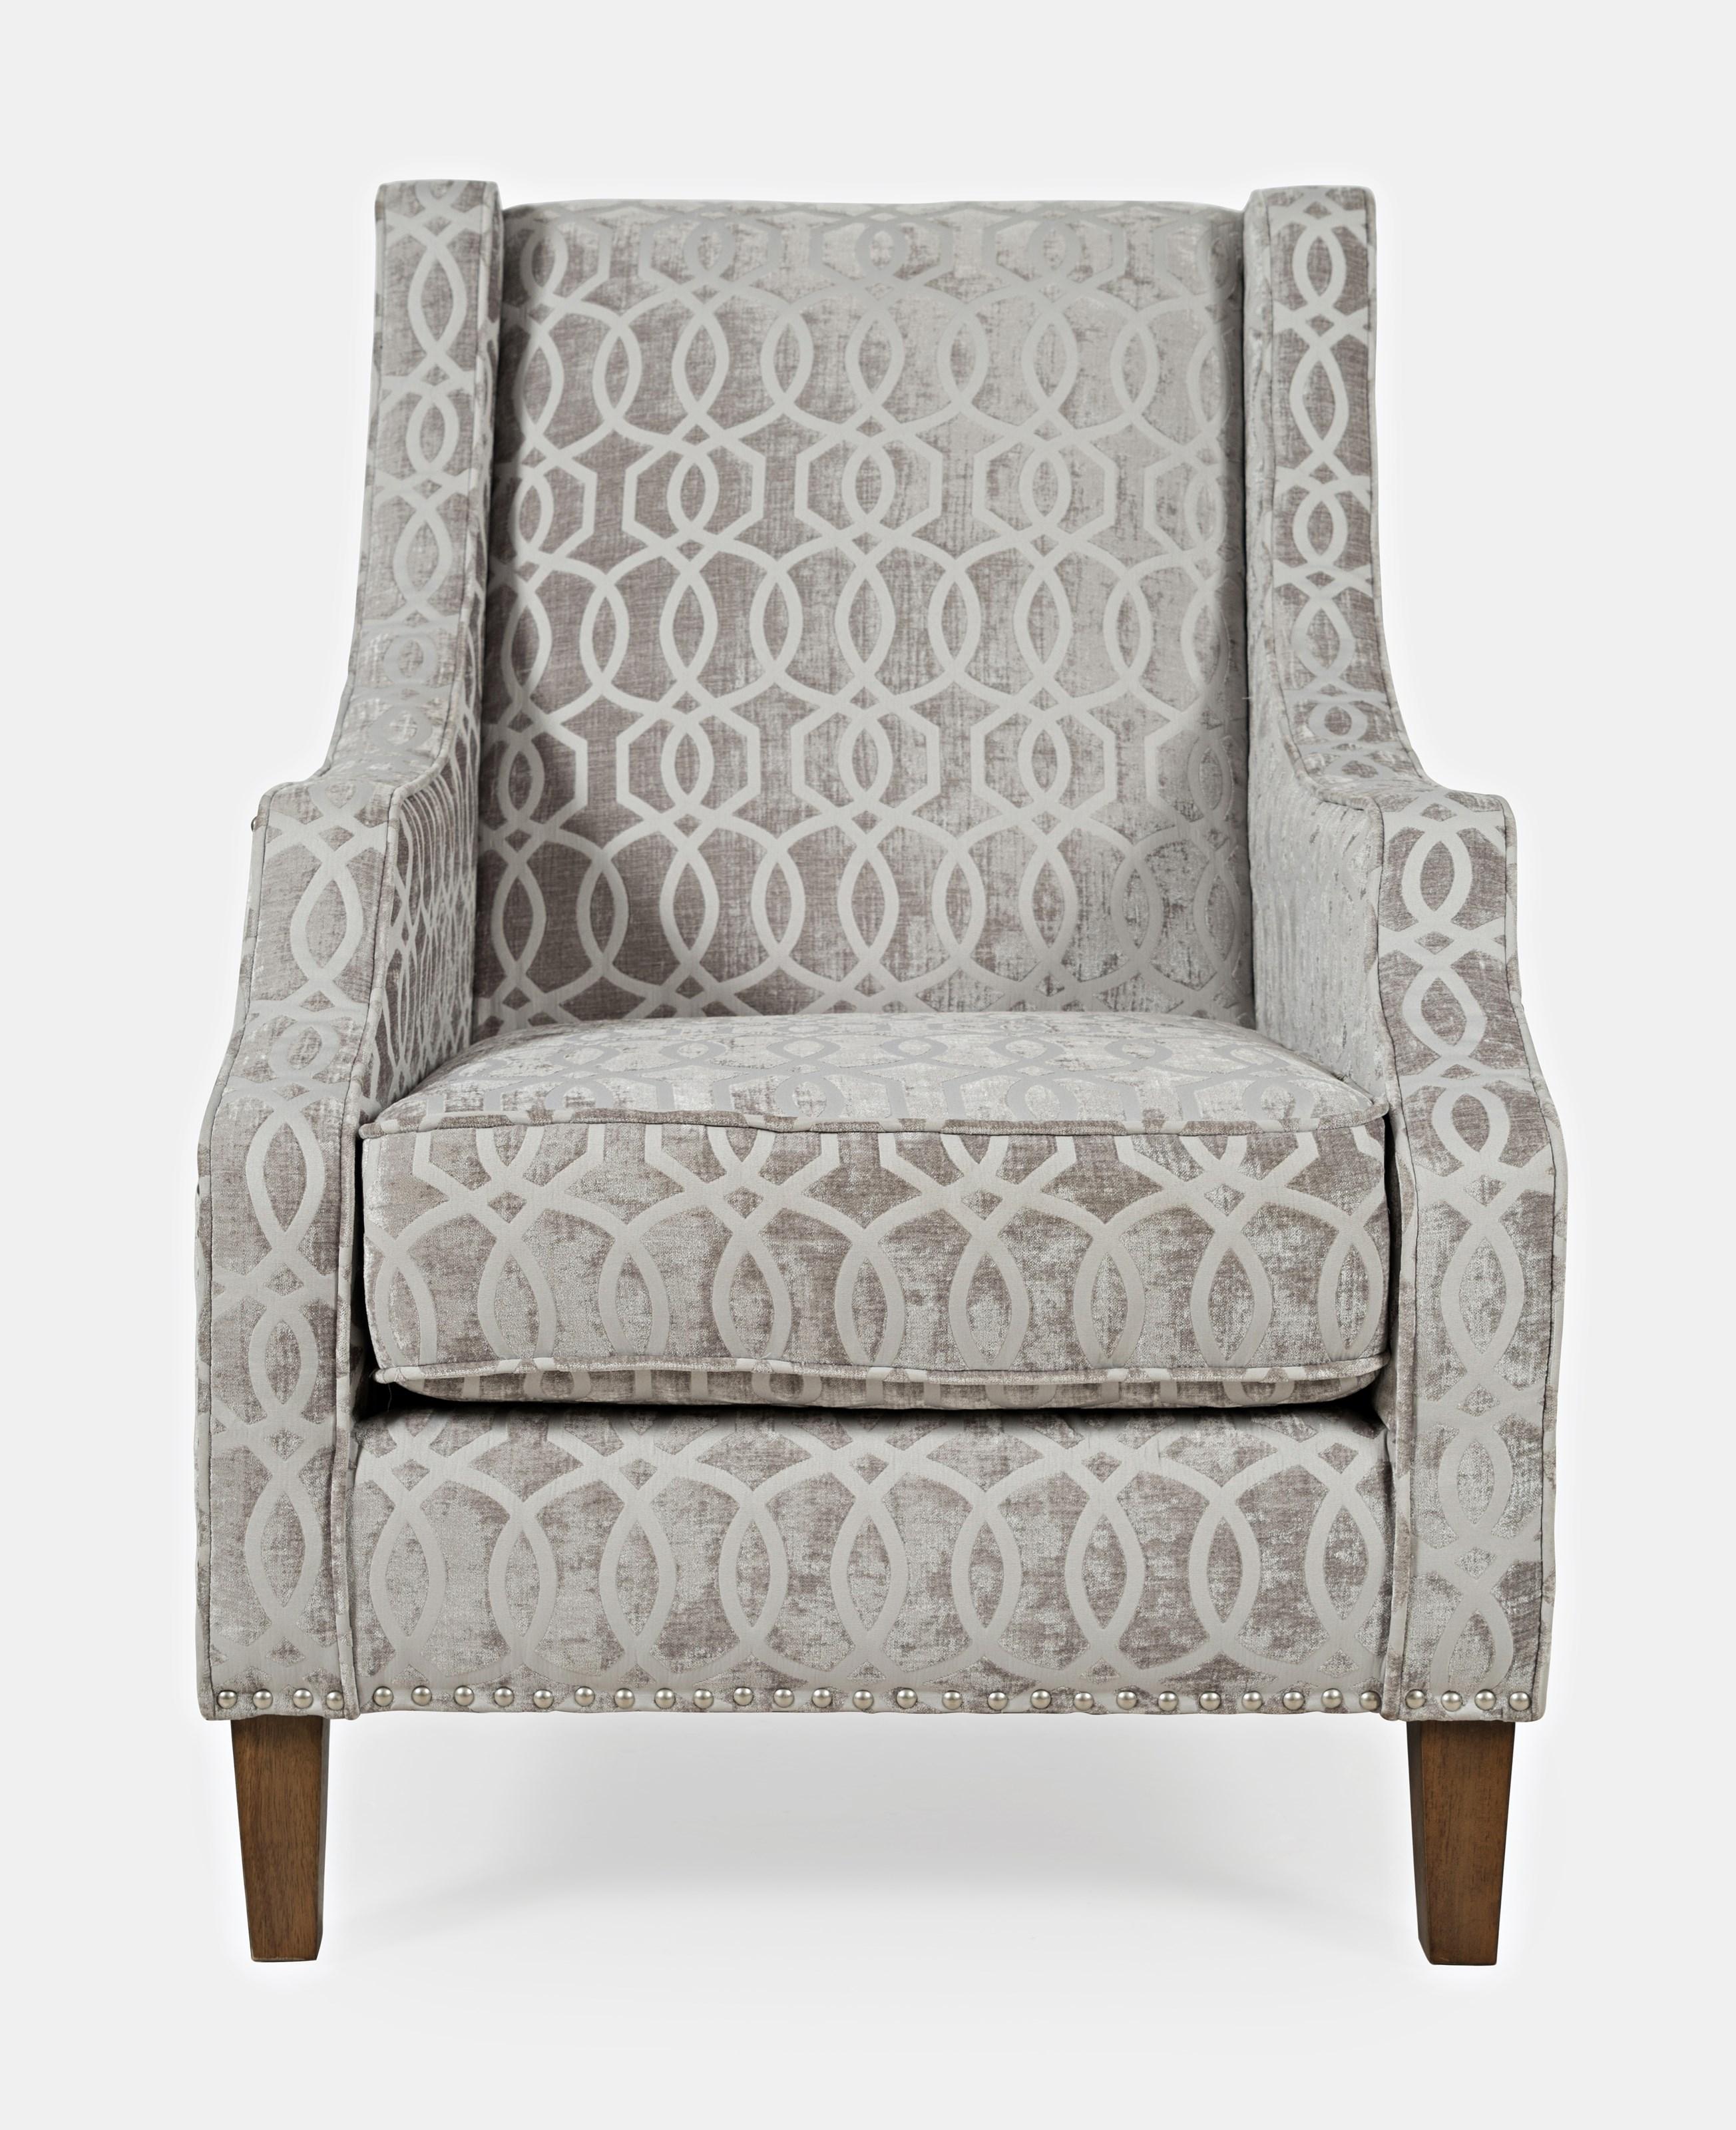 Accent Chairs Quinn Chair by Jofran at Jofran